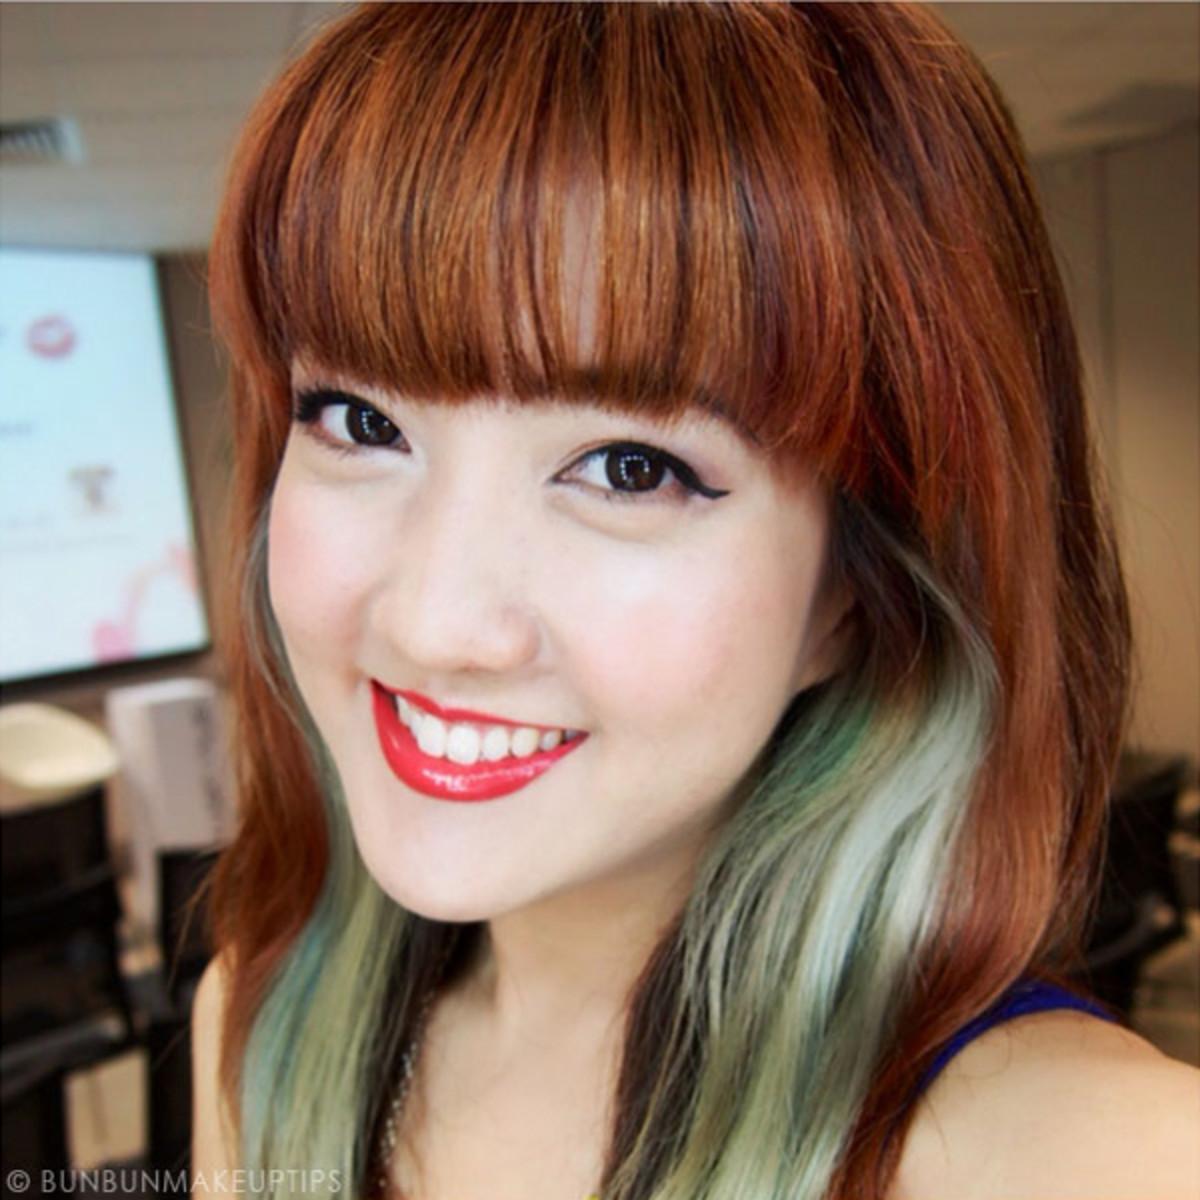 Juli of Bun Bun Makeup Tips